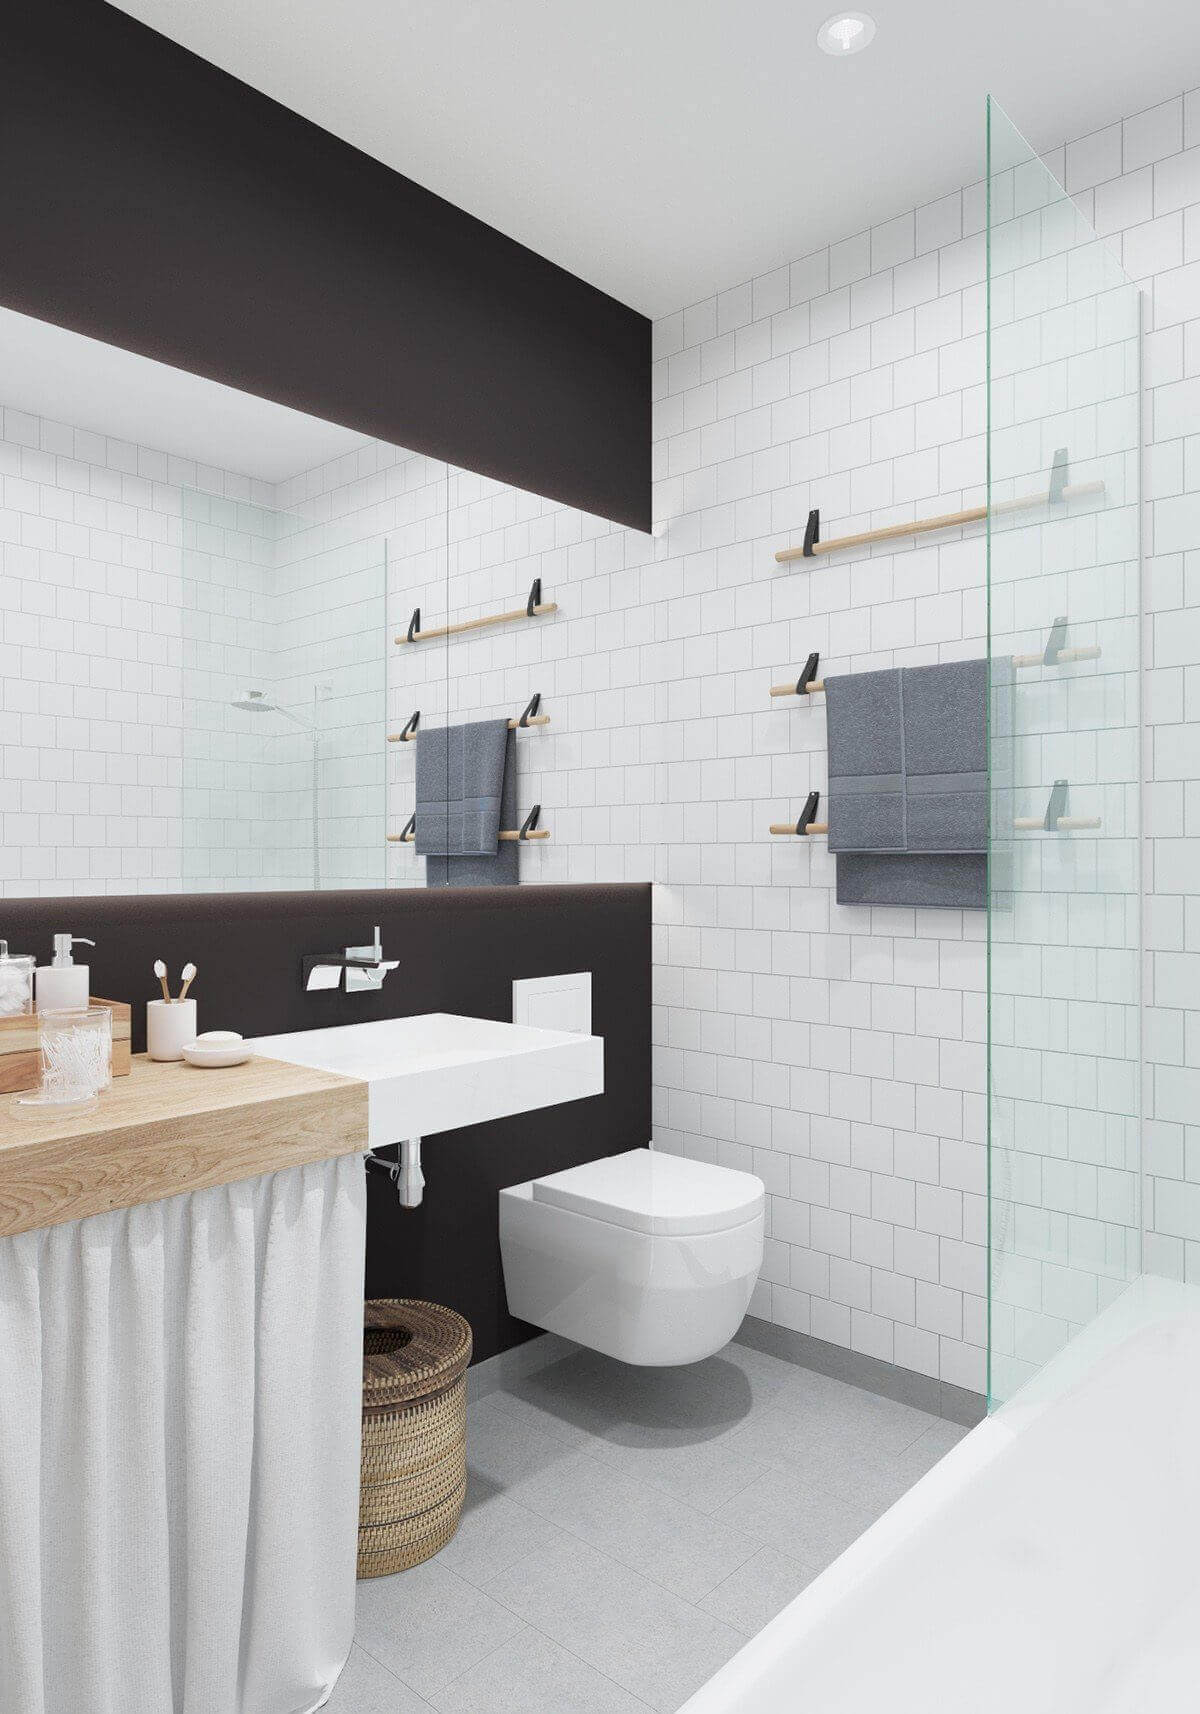 bathroom white subway tile black paint - Mẫu căn hộ dưới 50m2 với không gian rộng rãi và cá tính